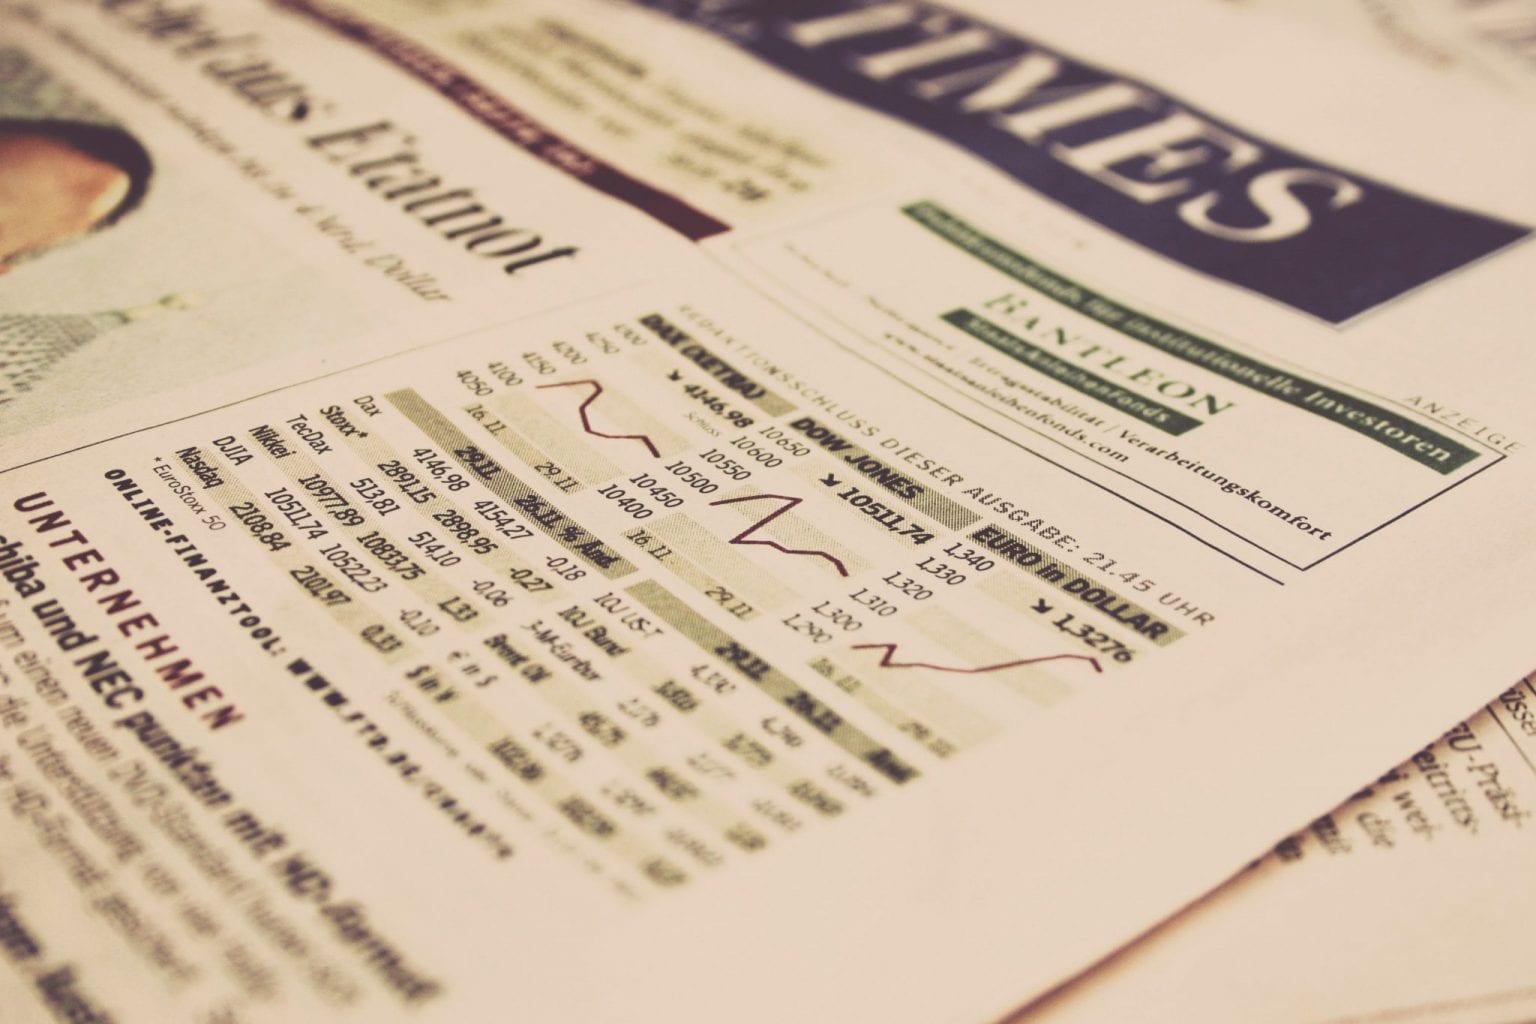 indices de inflacao